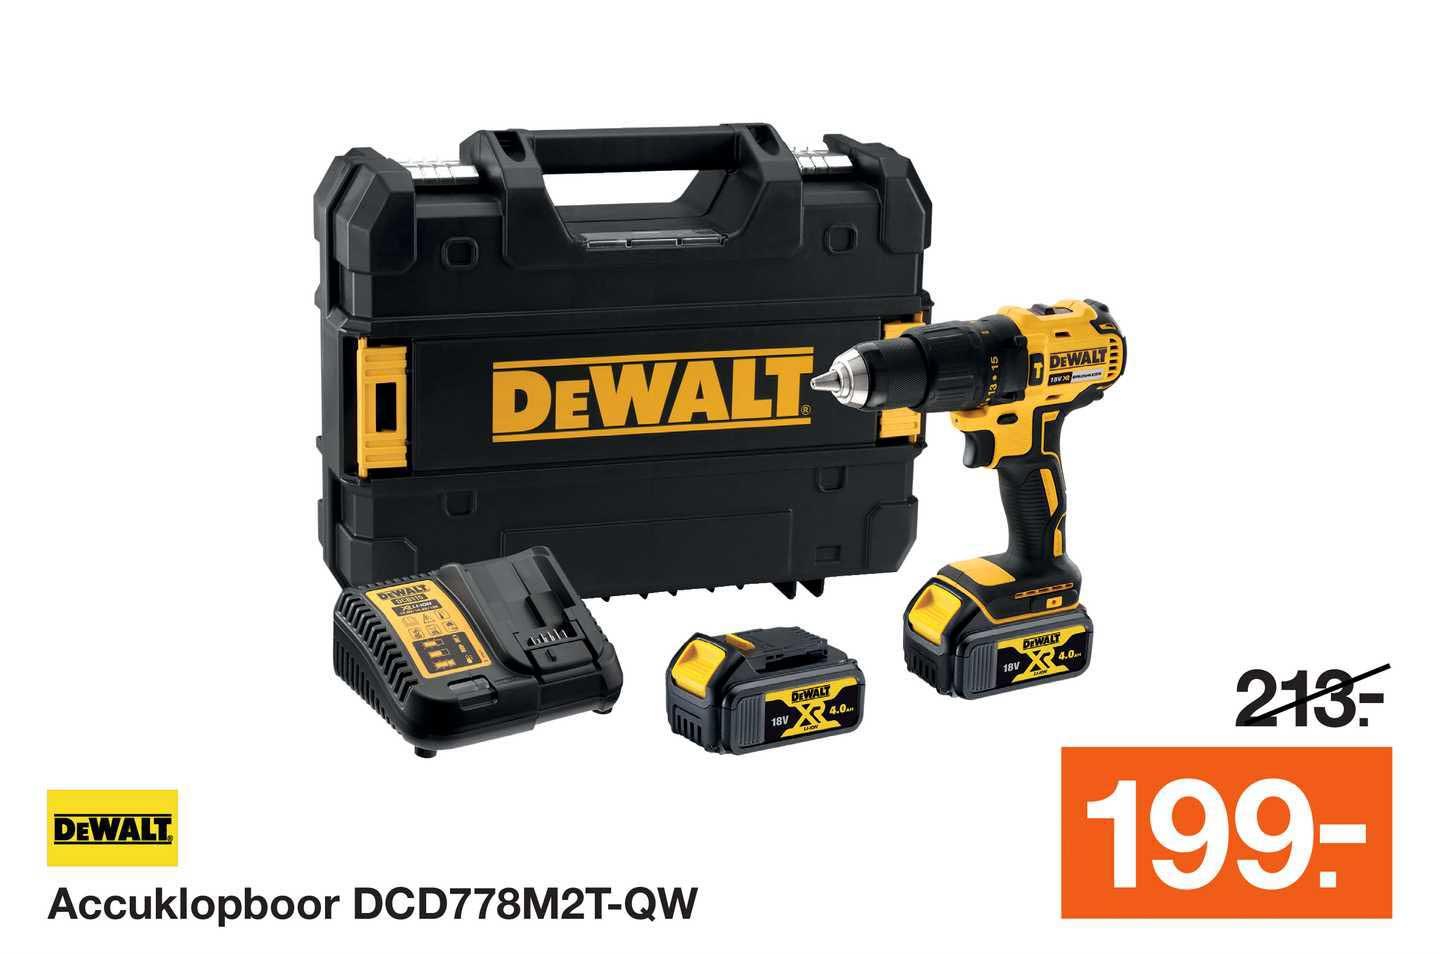 Bouwmaat DeWalt Accuklopboor DCD778M2T-QW